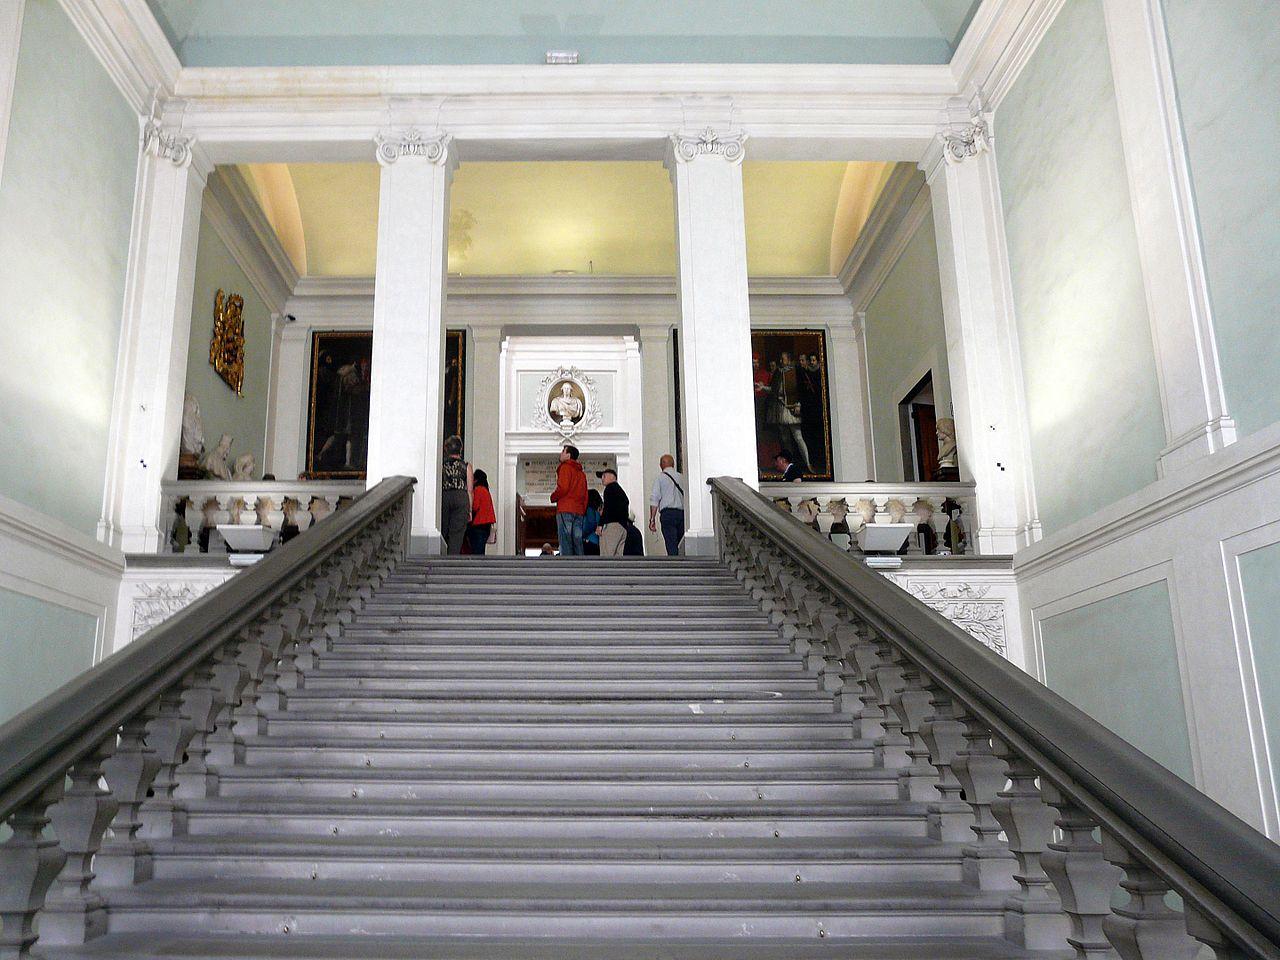 Галерея Уффици, центральная лестница